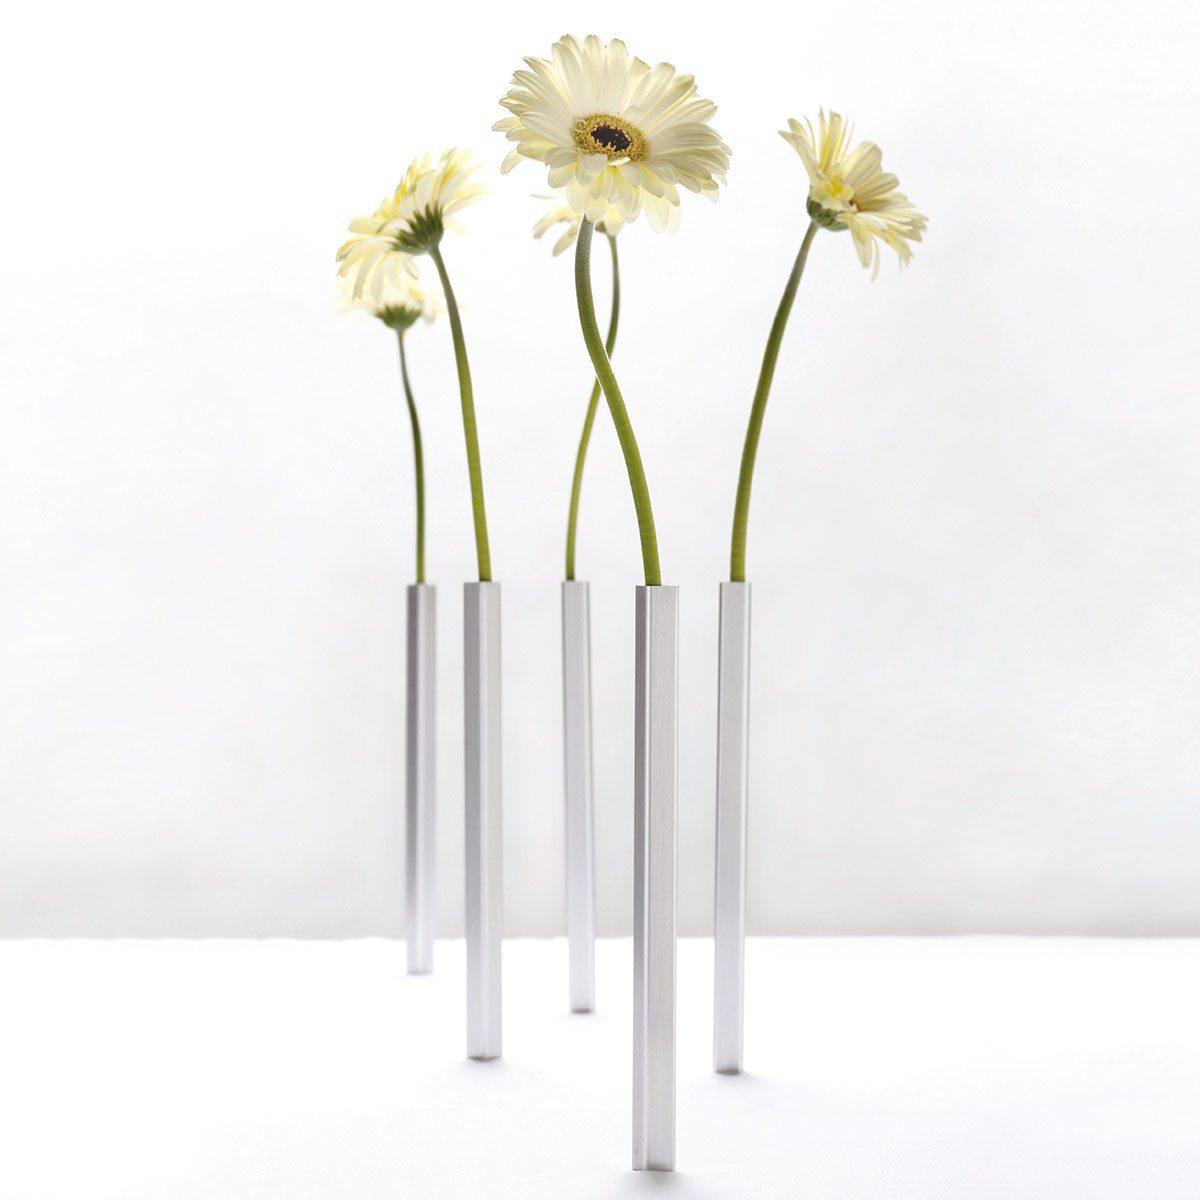 Magnetisk vasesæt